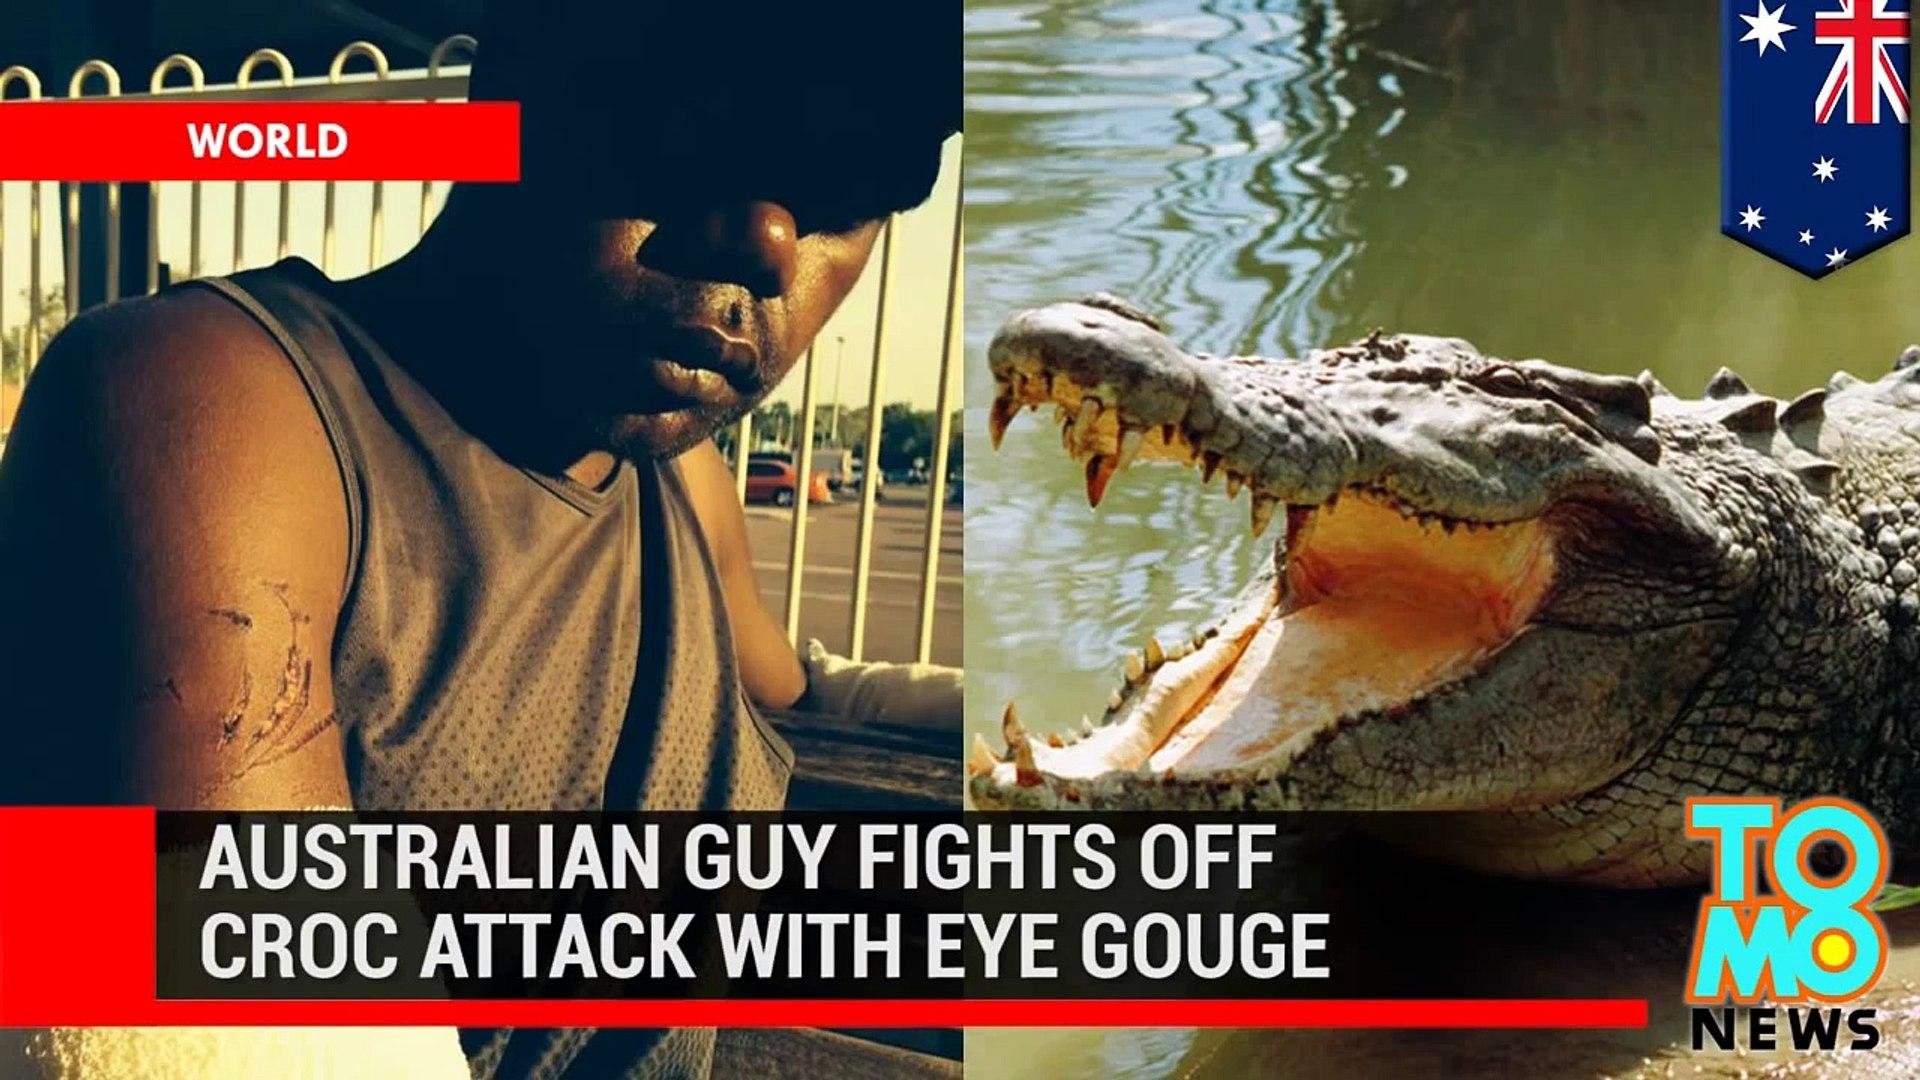 رجل من أستراليايقلع عين تمساح هاجمه